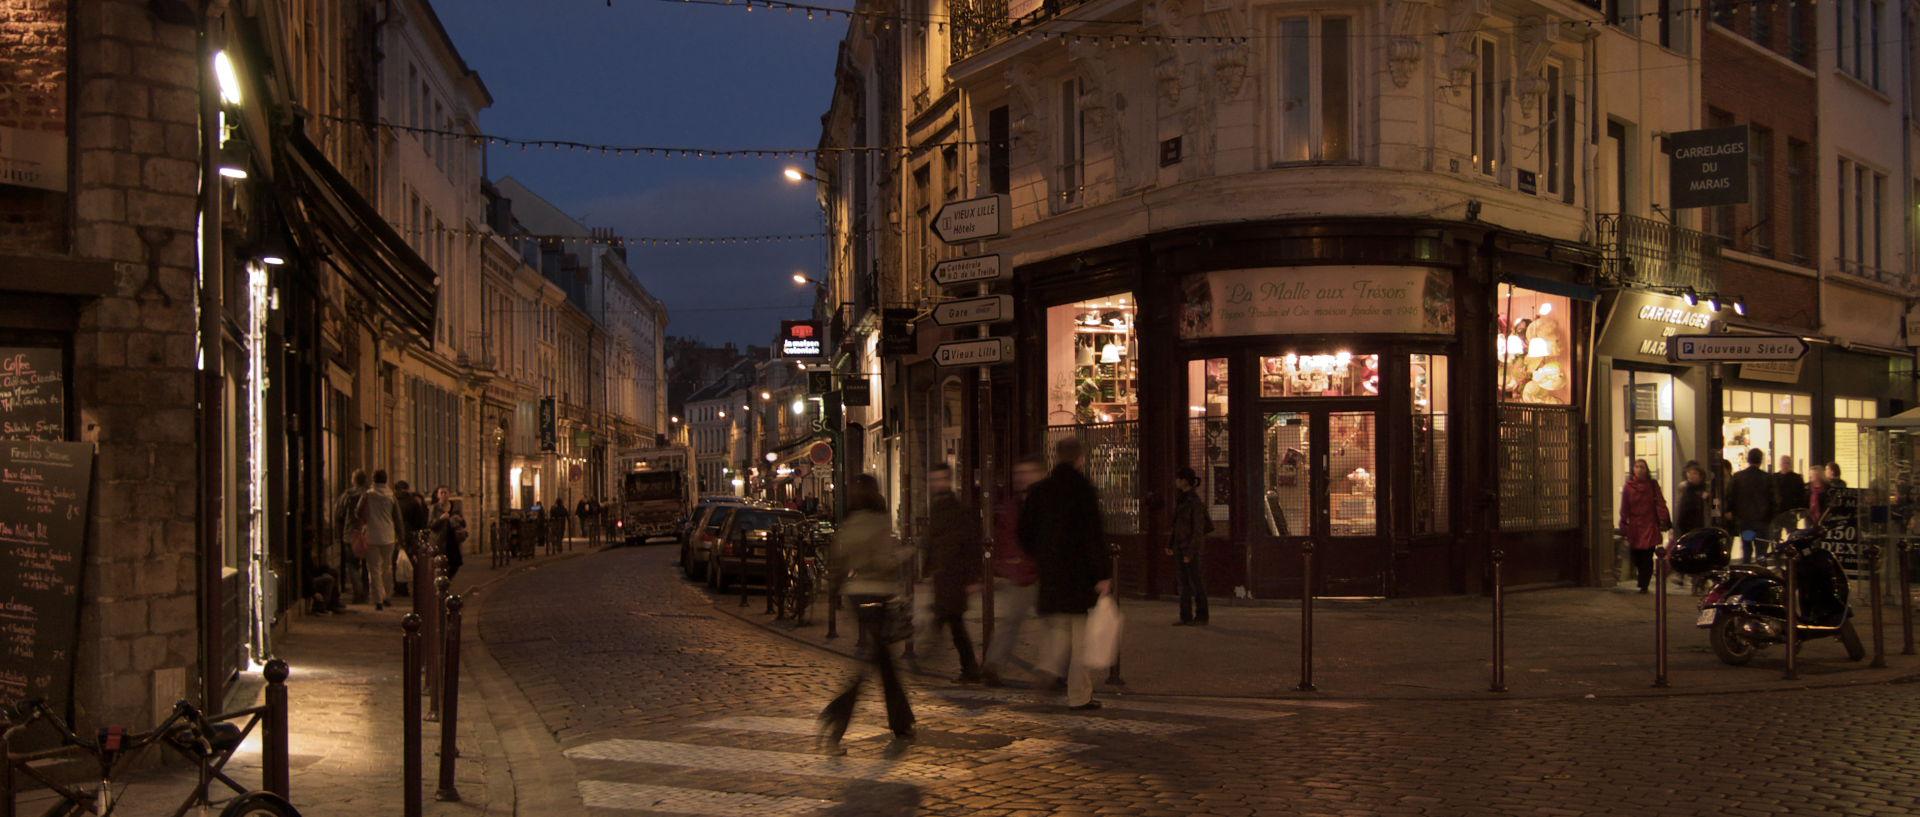 Le photojournal de jean miaille en octobre 2009 - Magasin meuble lille rue esquermoise ...